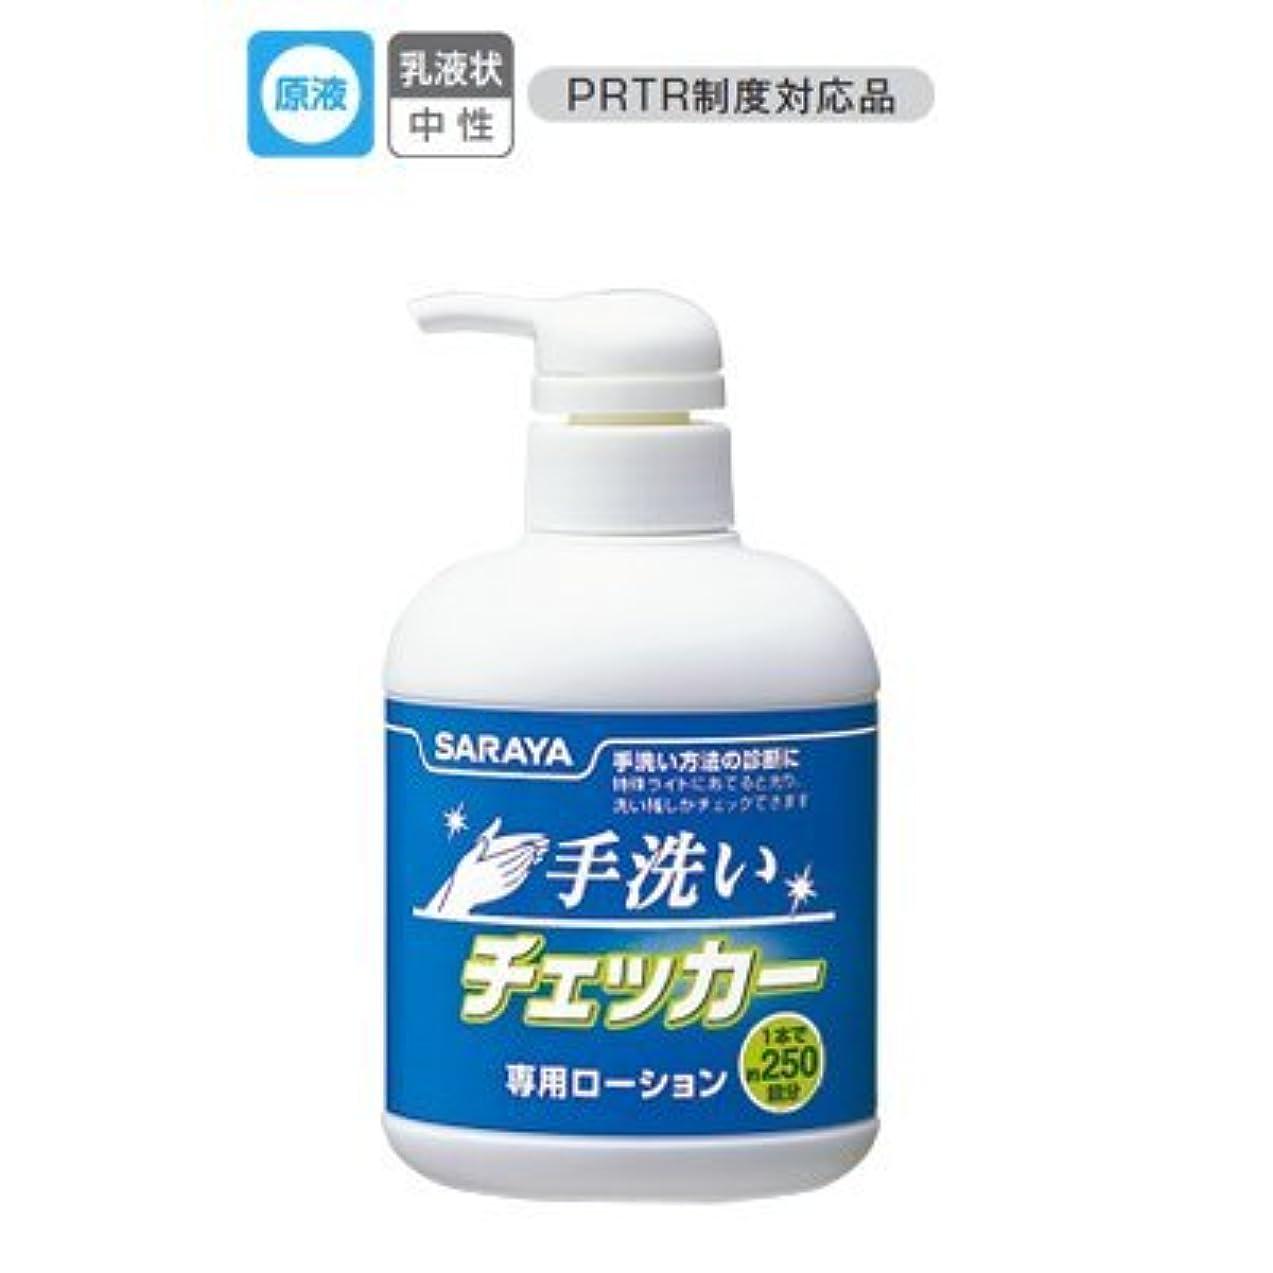 屋内で恒久的ラッシュサラヤ 手洗いチェッカー 専用ローション 250mL【清潔キレイ館】